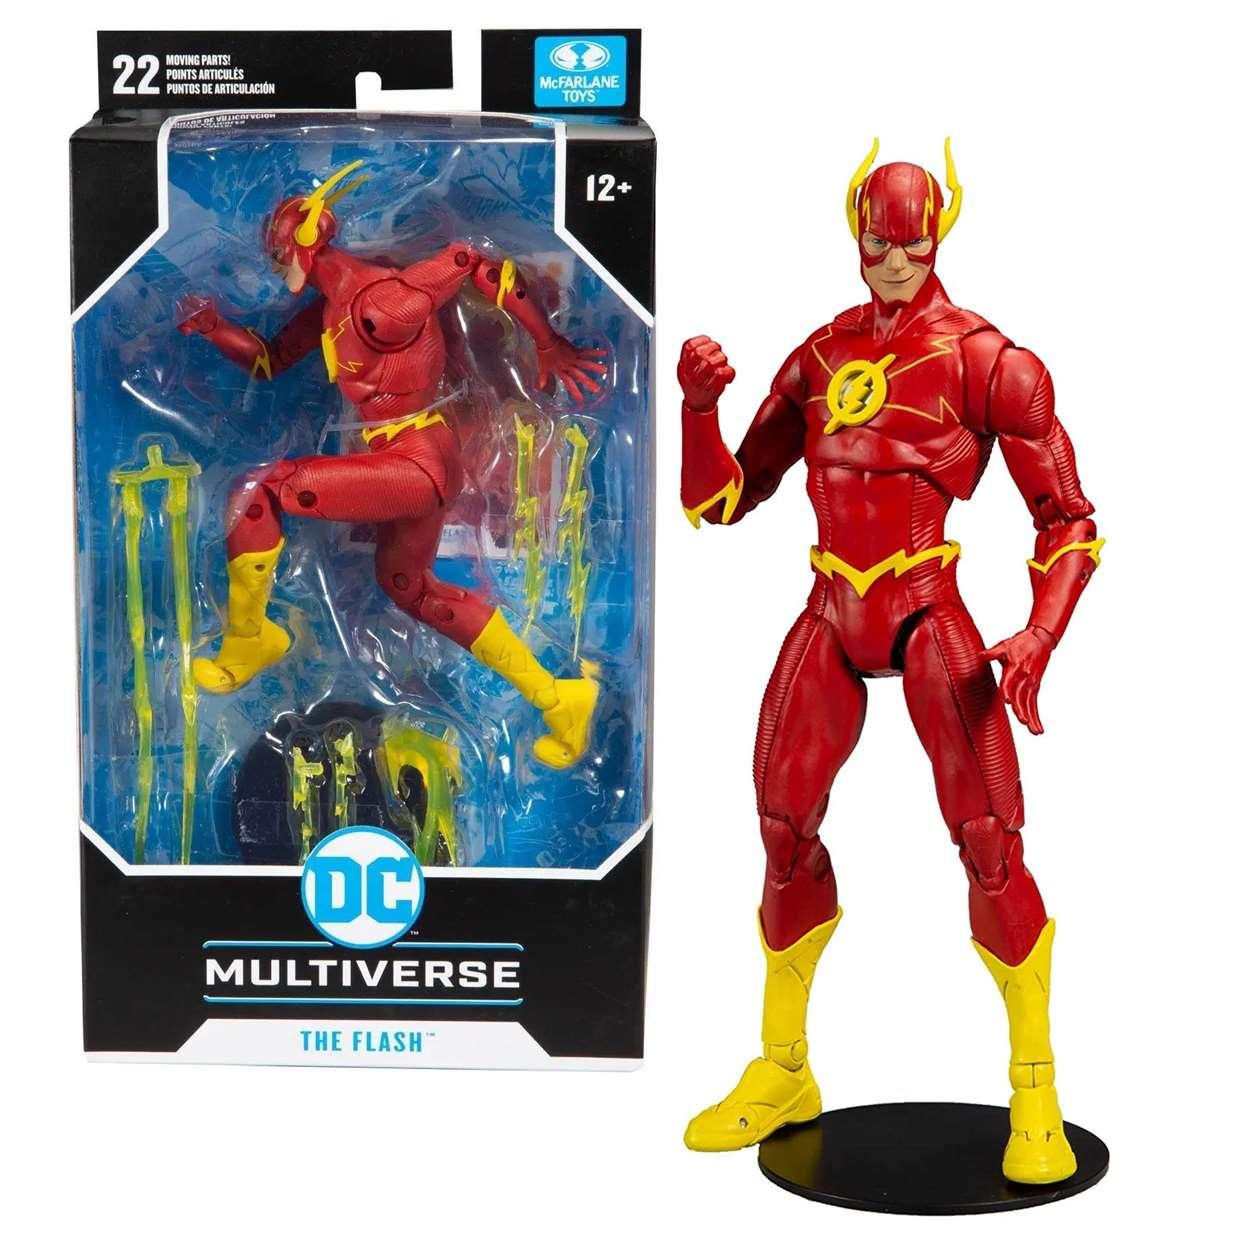 The Flash Figura Dc Rebirth Multiverse Mc Farlane